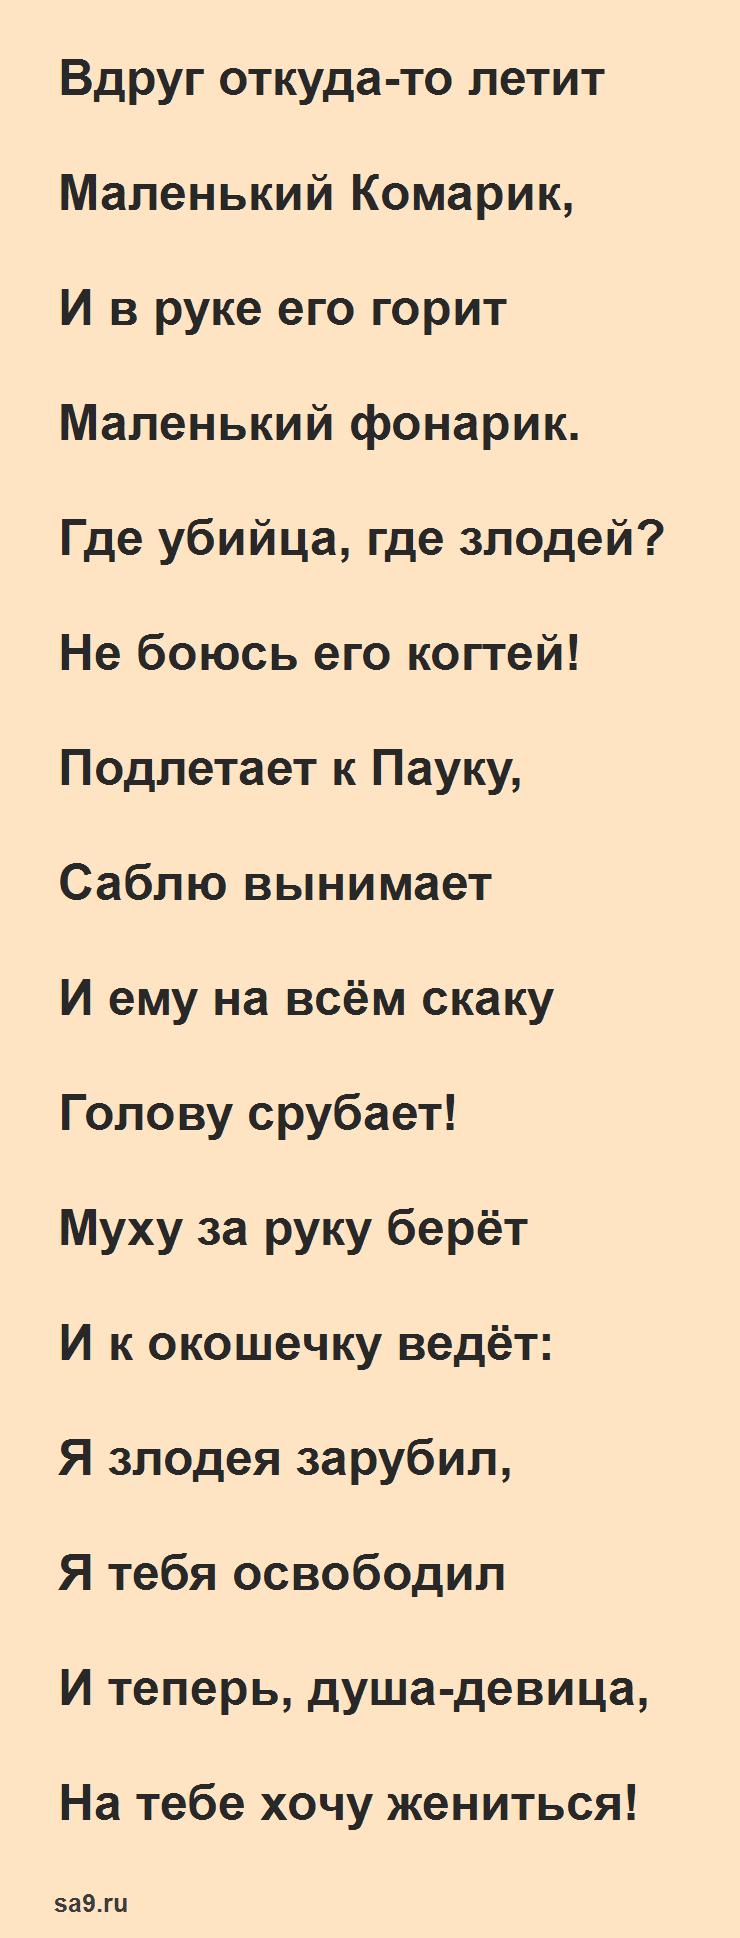 Читать сказку Чуковского для детей 'Муха-Цокотуха', полностью